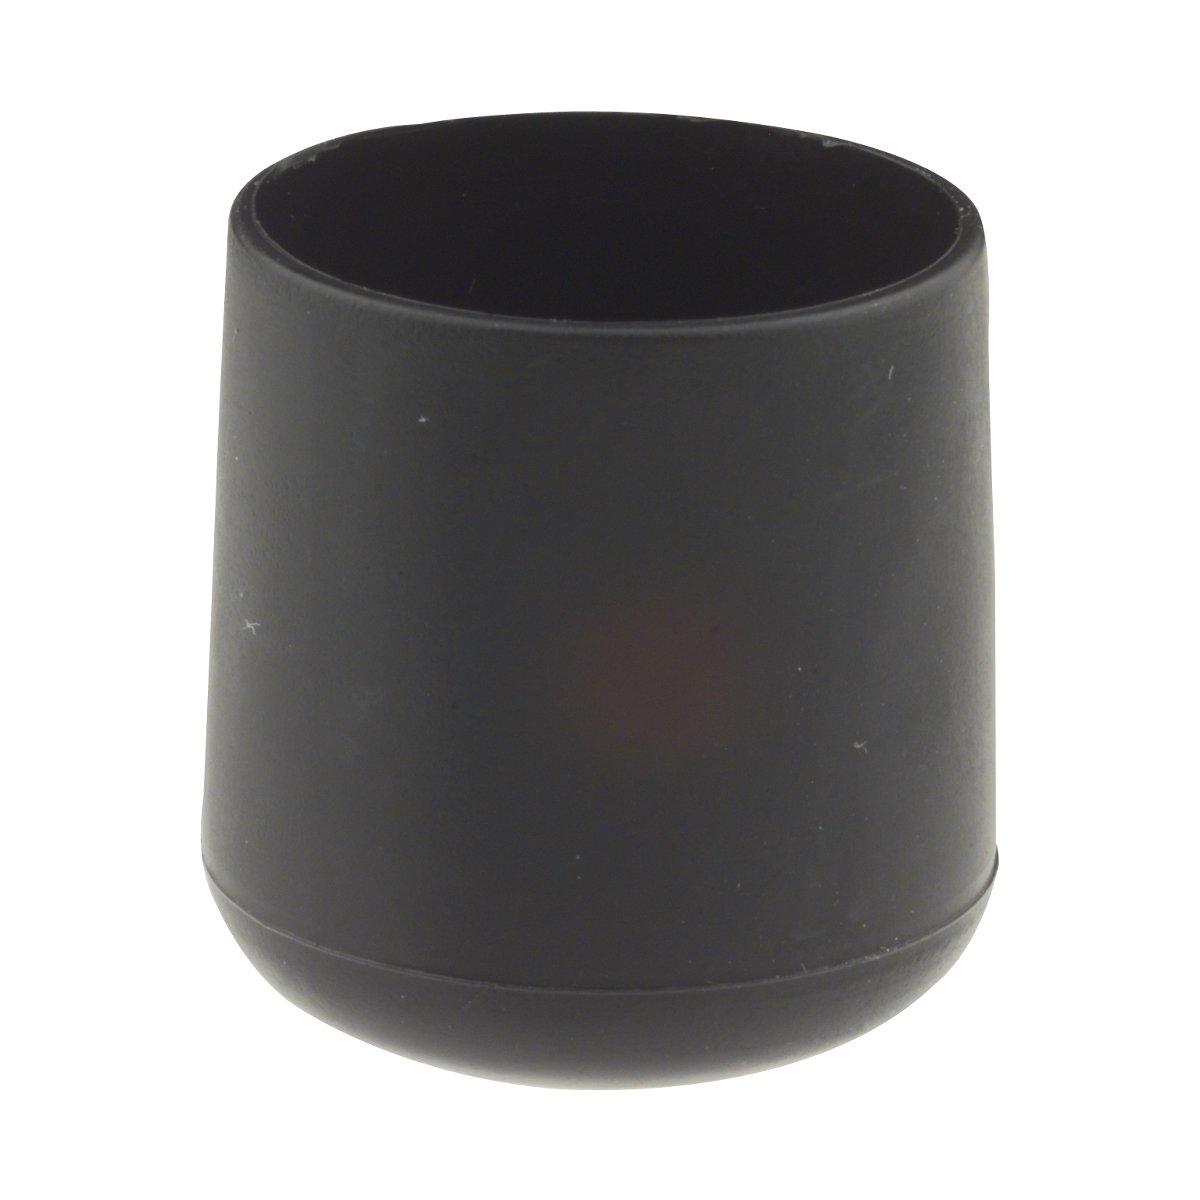 20 St/ück Gleitkappen schwarz /Ø 22 mm